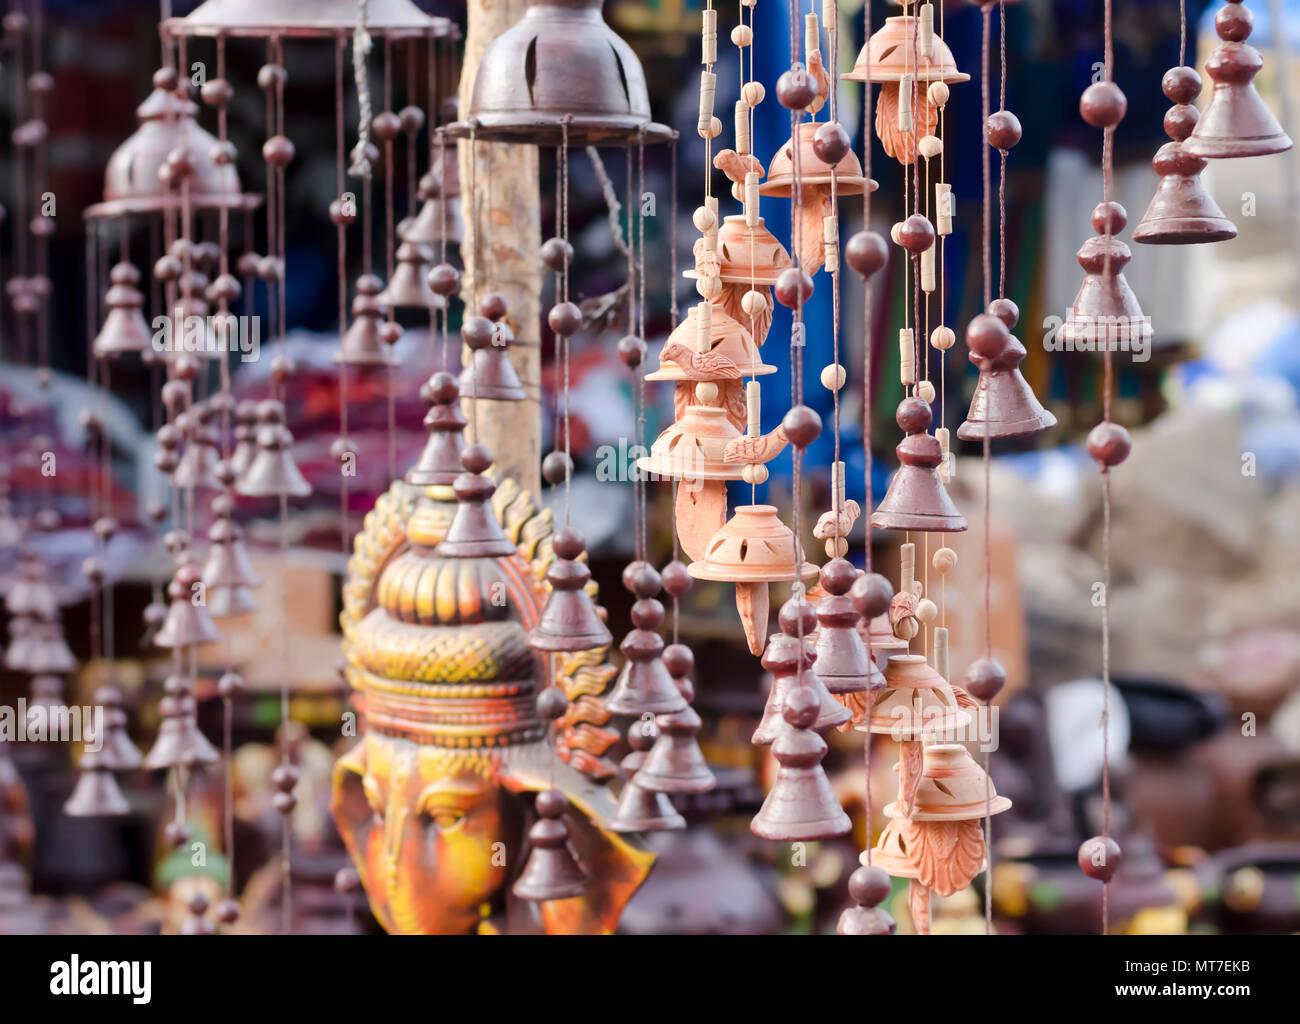 Bellos ornamentos del jardín de las campanas, abalorios, aves, Ganesha-hechas de arcilla o cerámica sobre venta en artes y oficios Shilparamam village en Hyderabad, India. Foto de stock